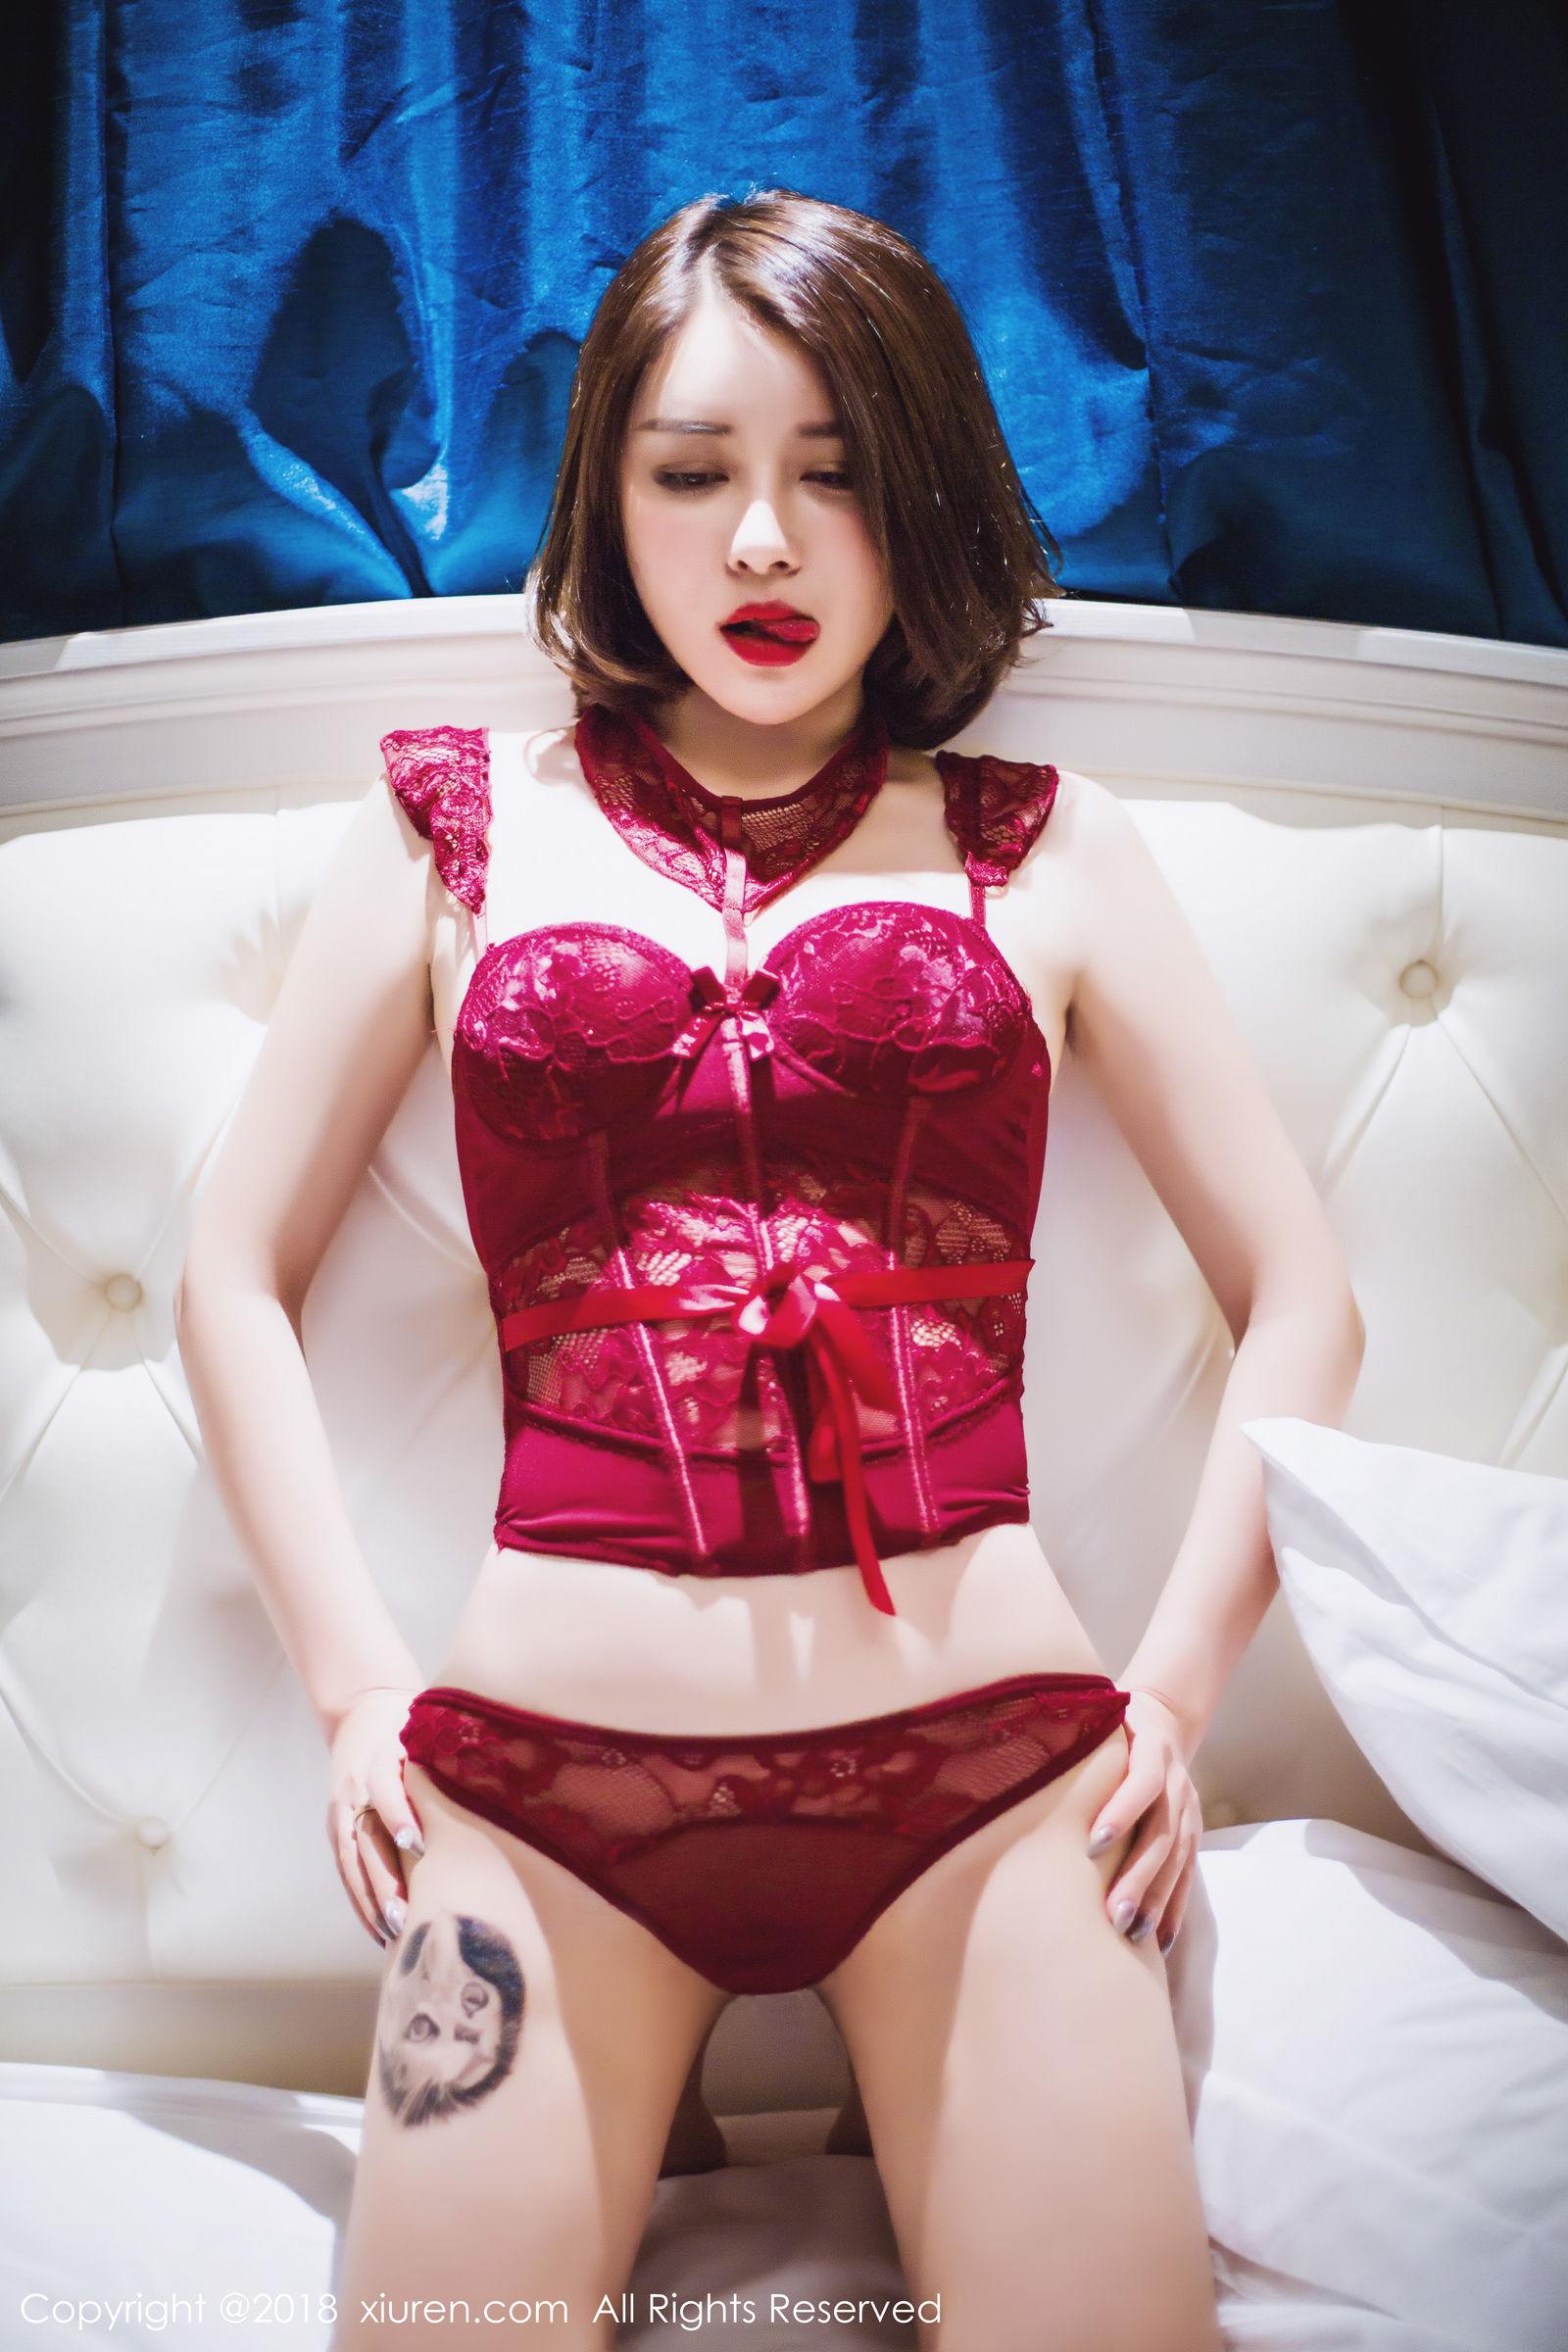 凯竹(廿十) - 性感写真欣赏